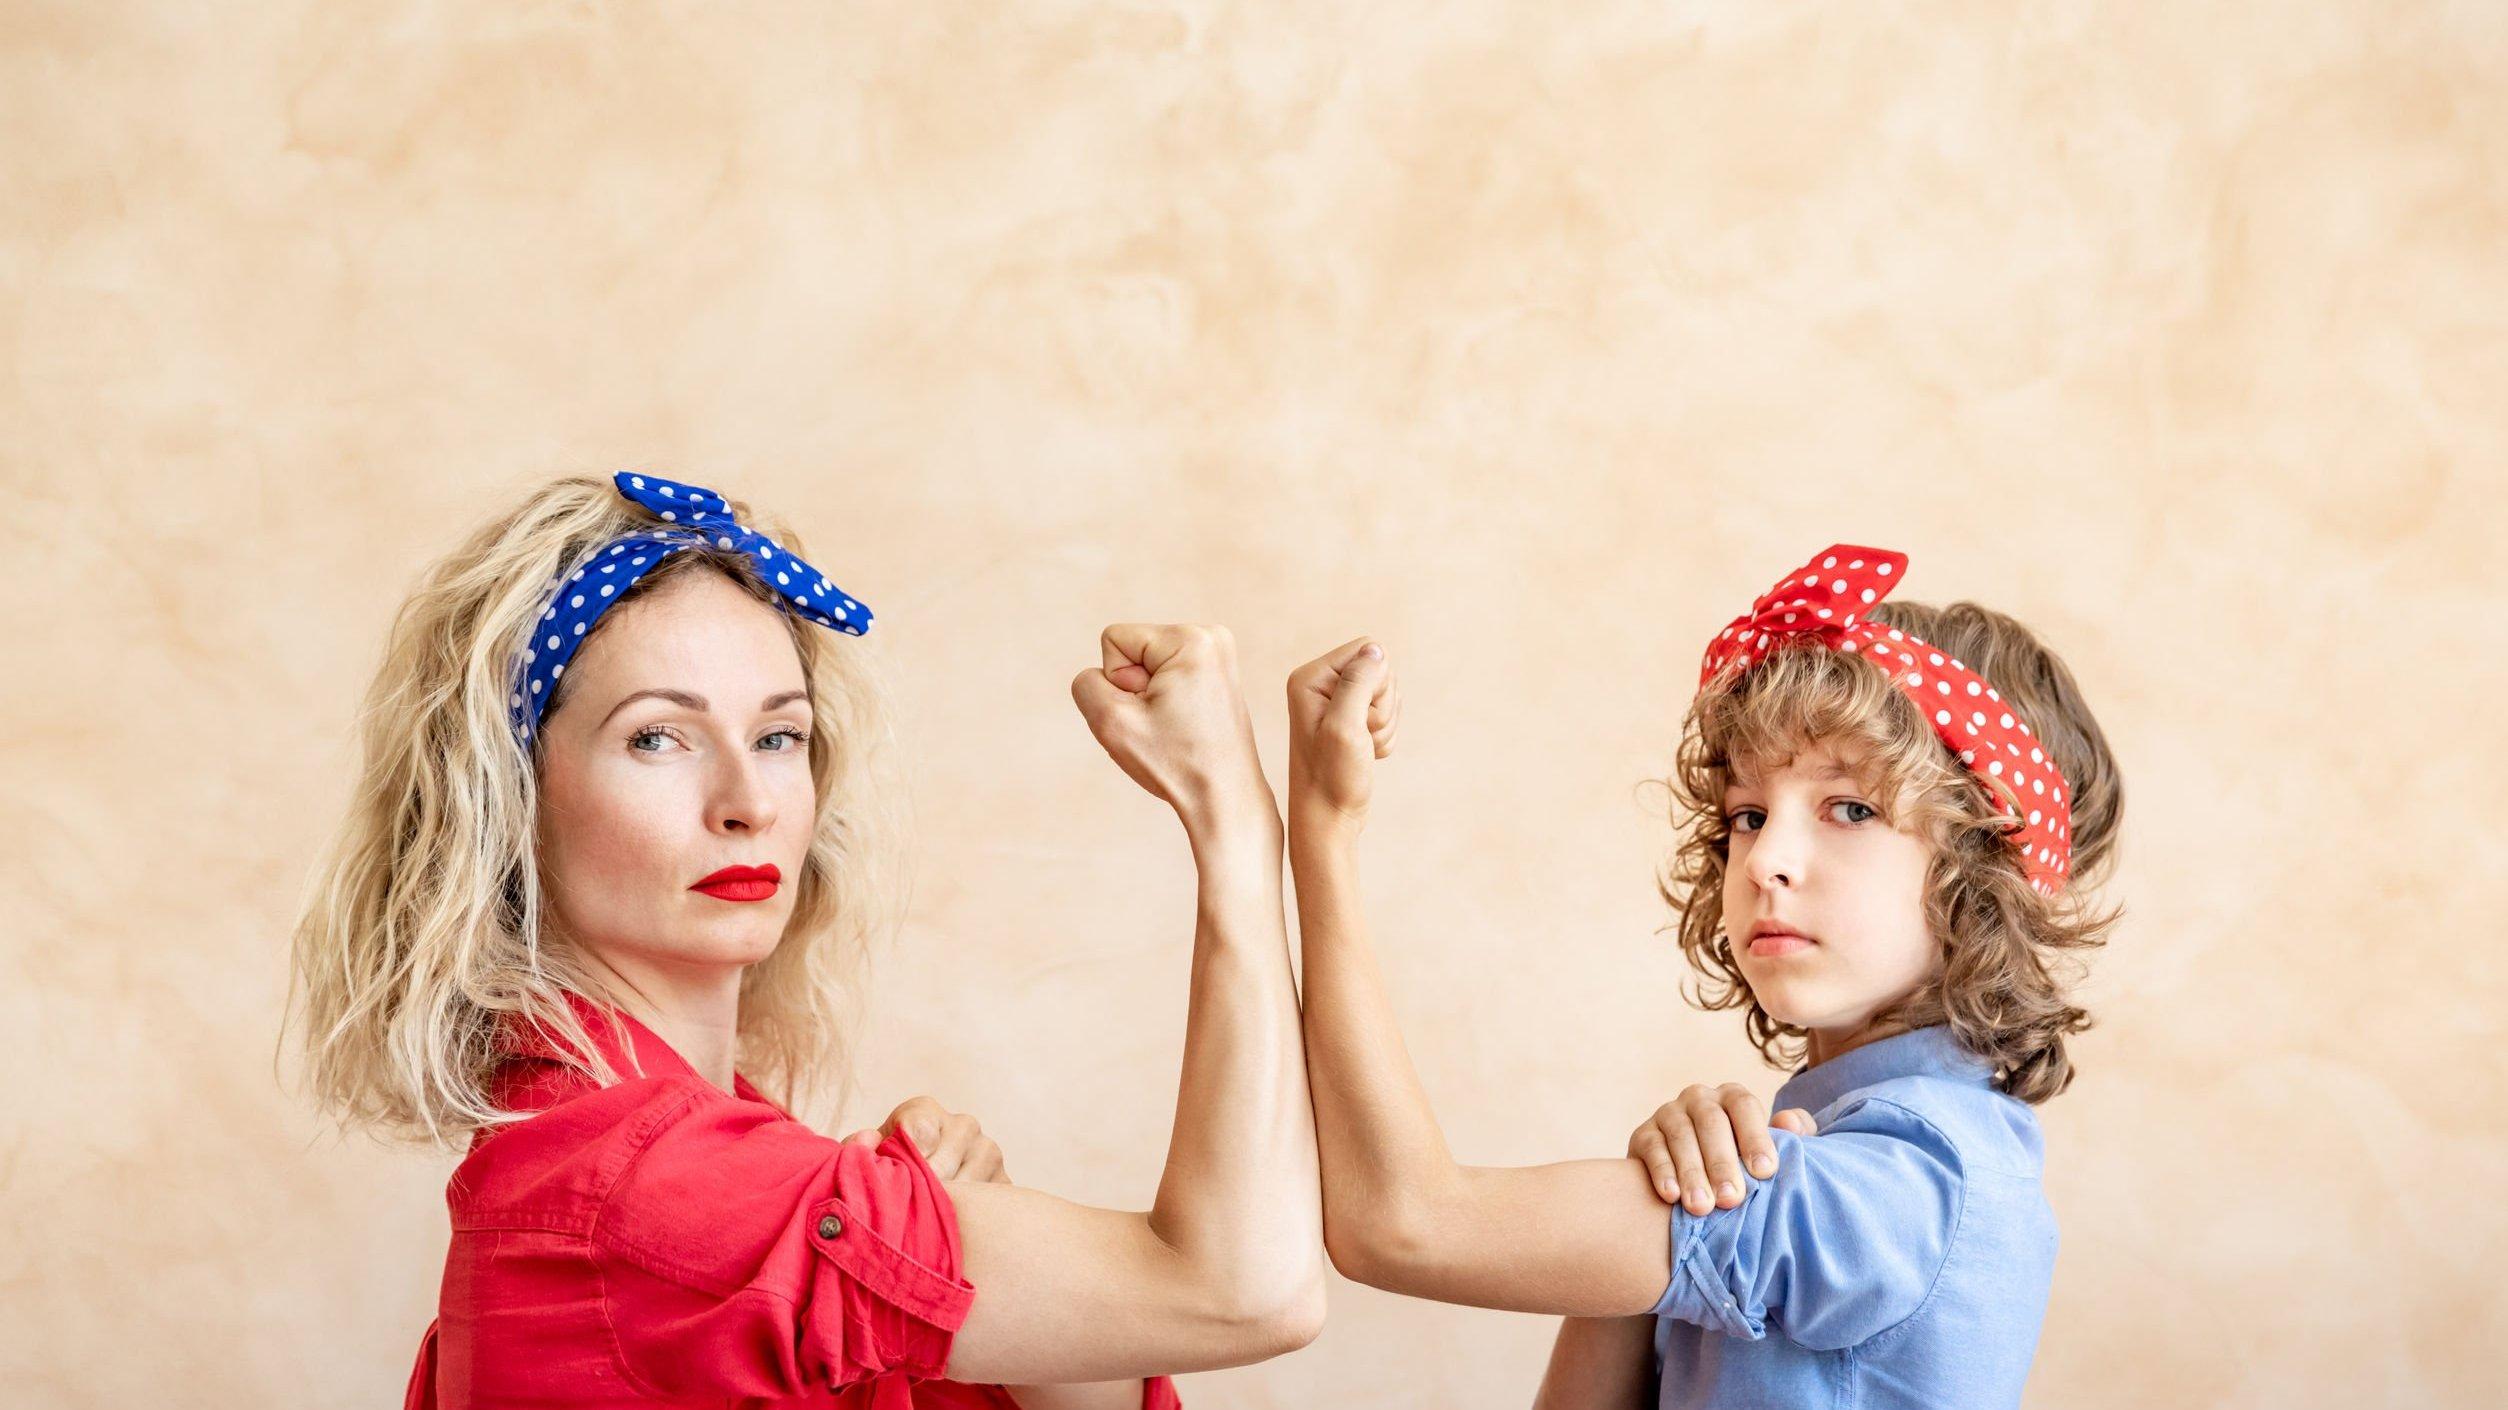 Mulher e criança com bandana na cabeça e com os braços simbolizando força